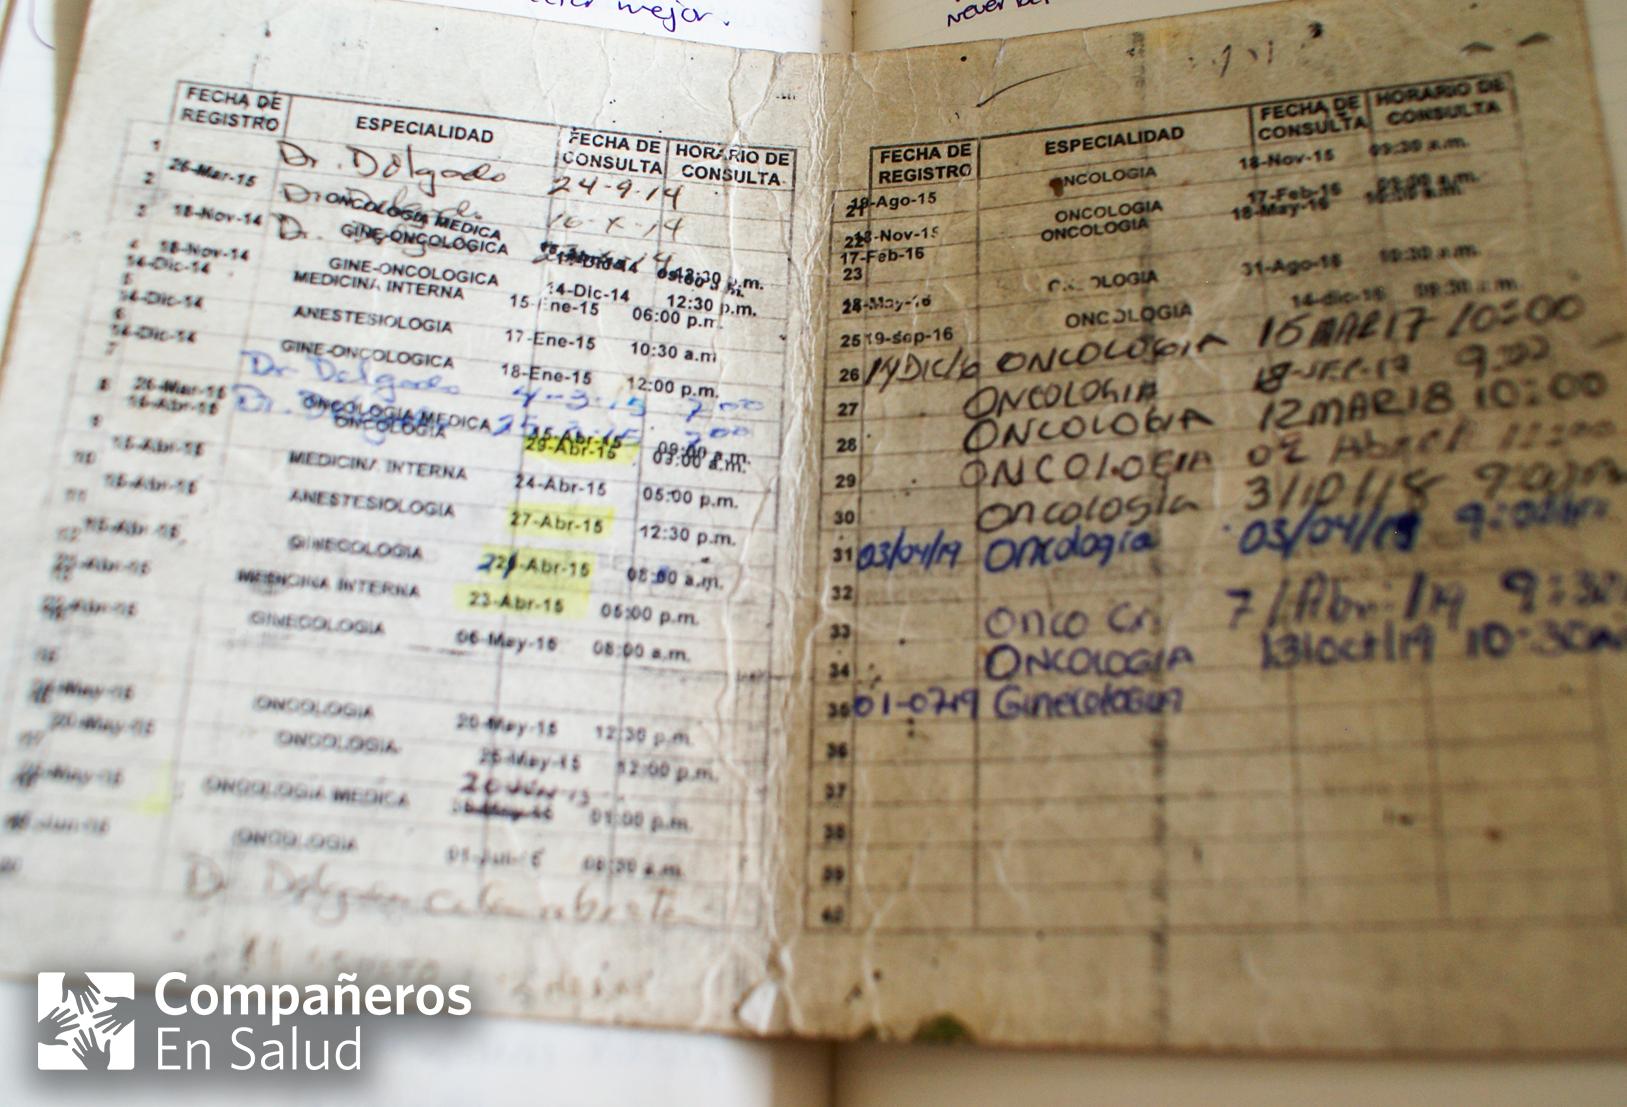 El carnet de Doña Suyi muestra las citas médicas que ha tenido a lo largo de los años. Ahora sólo se realiza chequeos cada 6 meses.